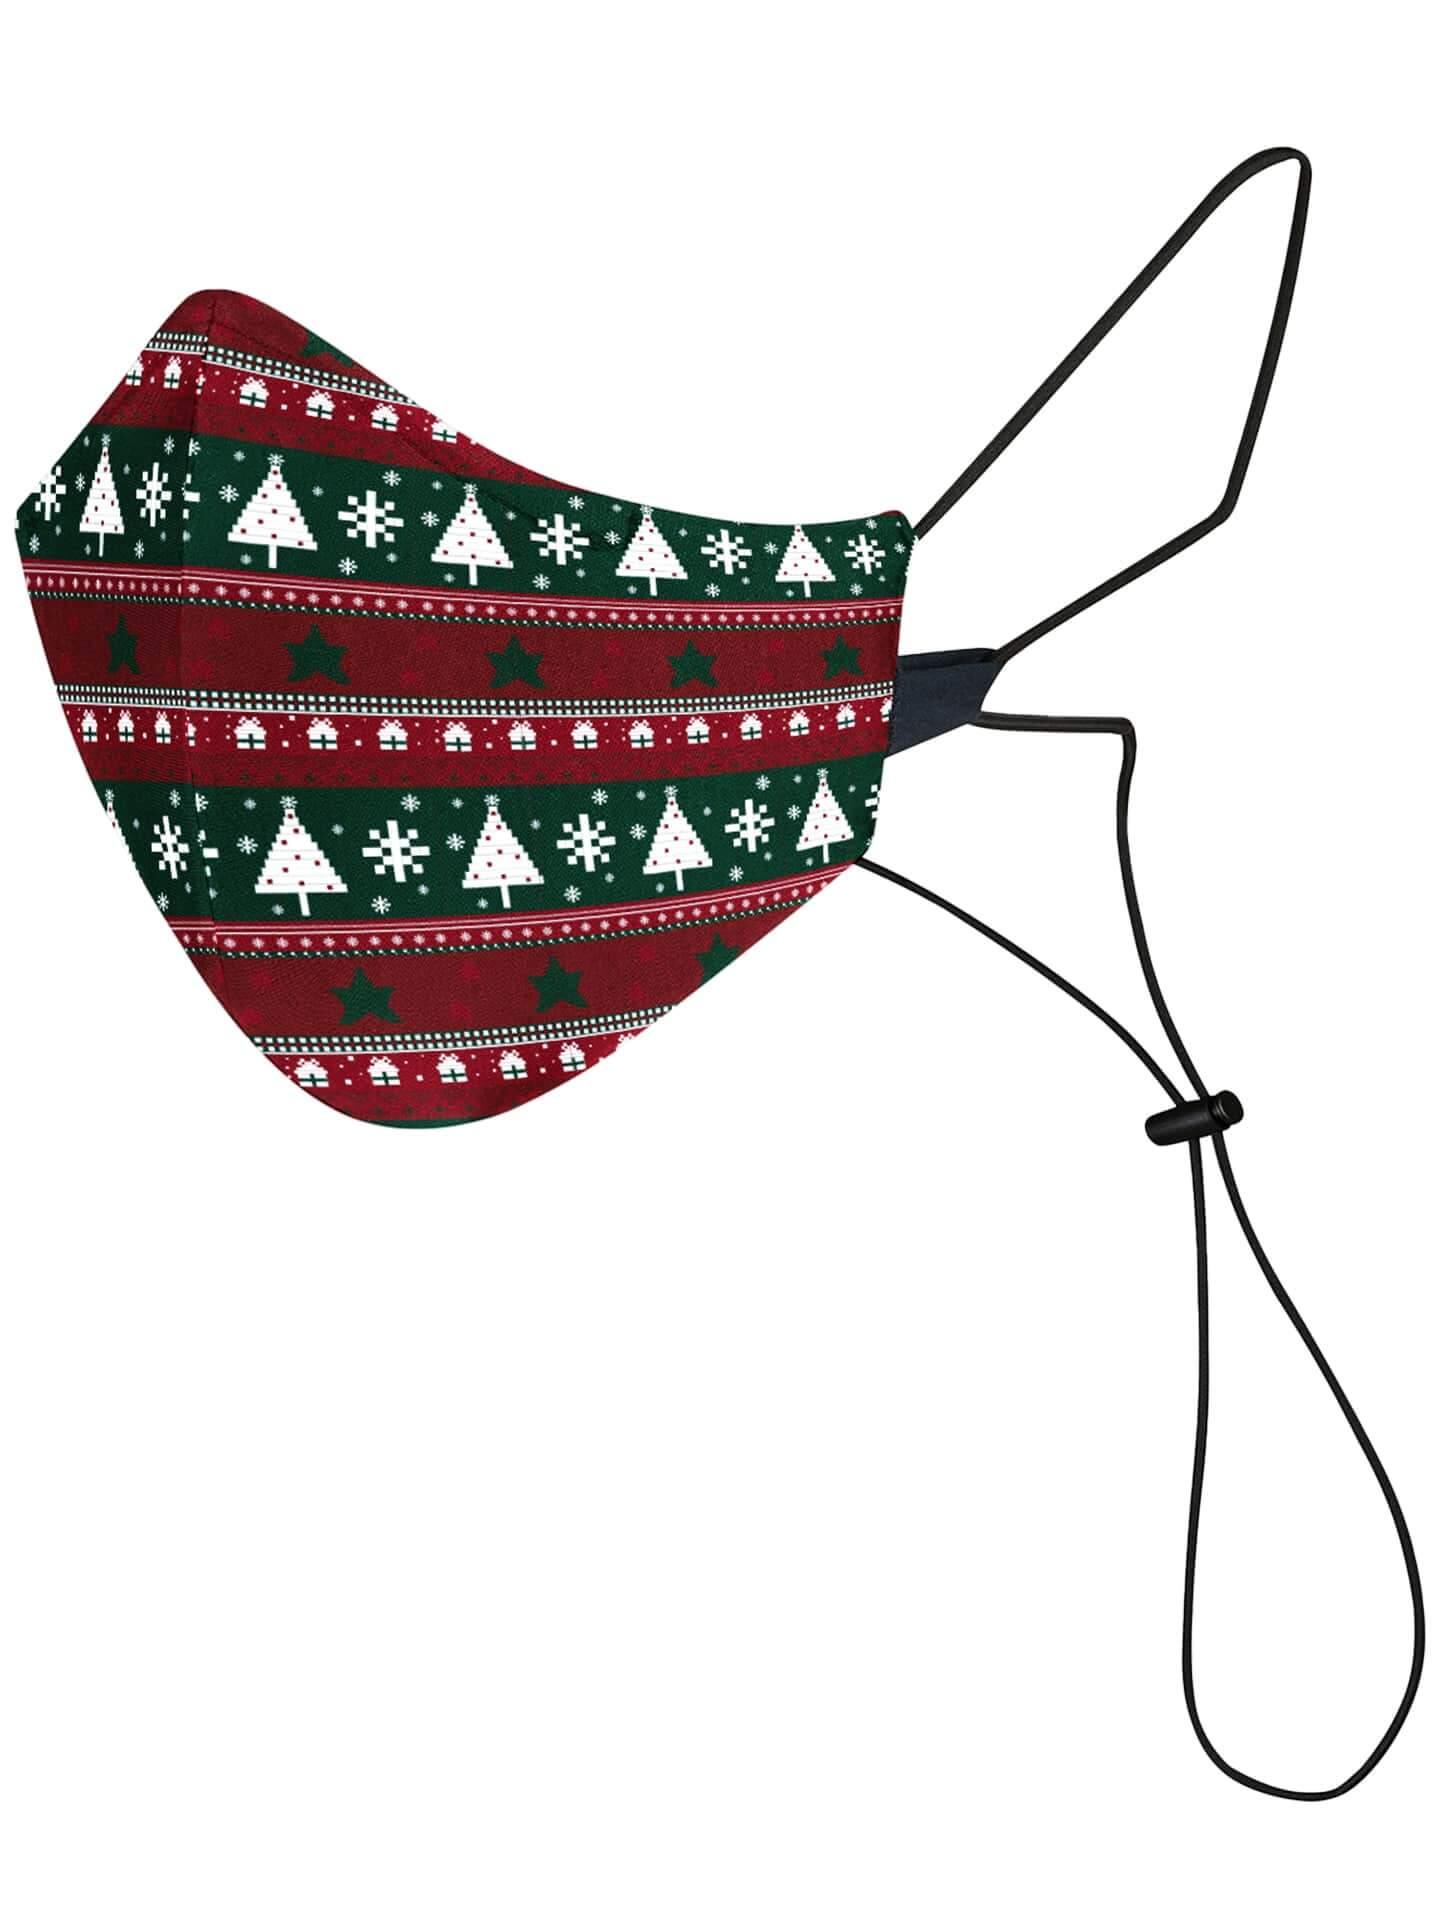 Mascarilla Reutilizable y Lavable Roja y Verde com Arvores de Navidad